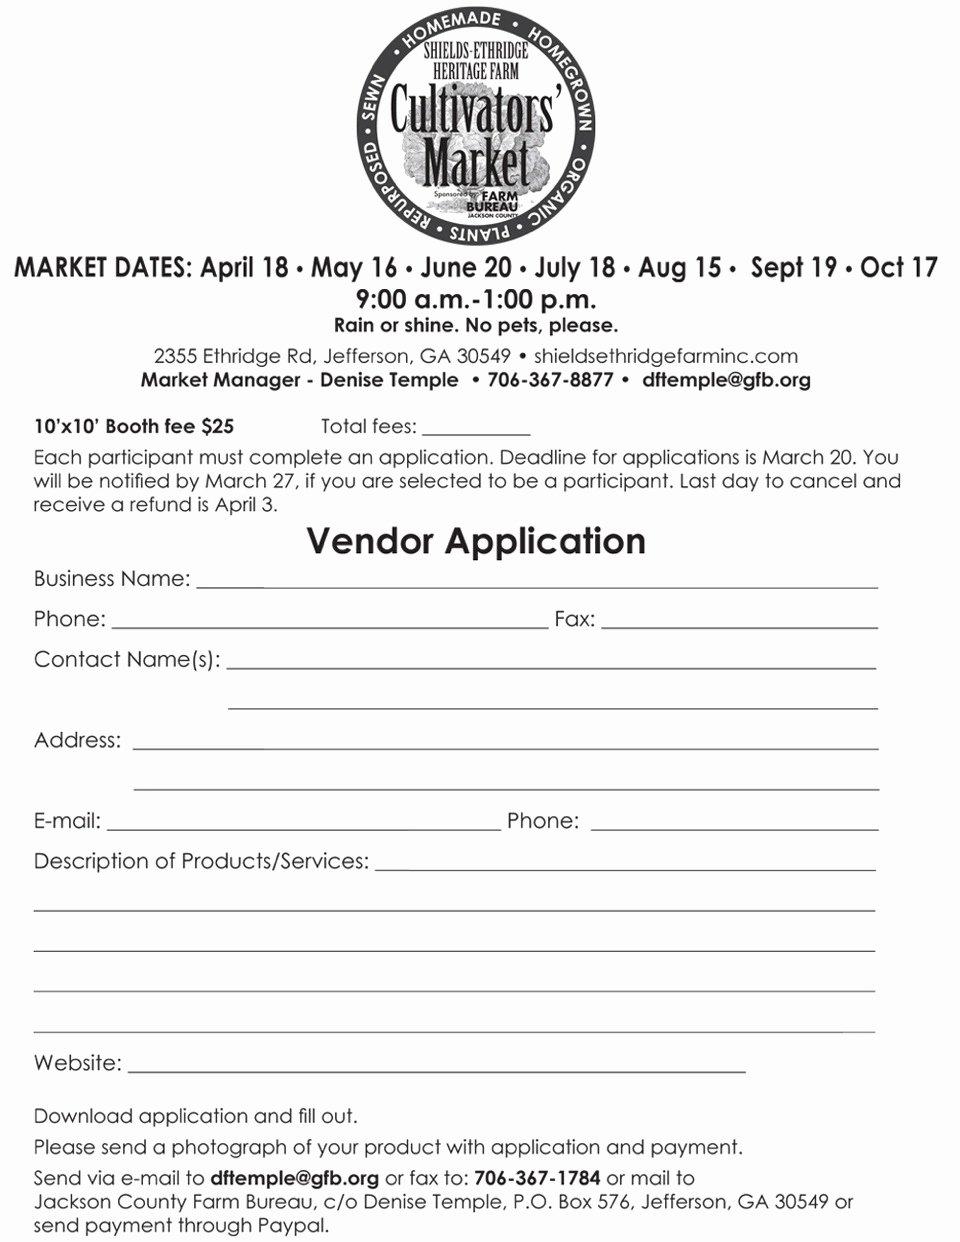 Event Vendor Application Template Inspirational Download Vendor Registration Application form